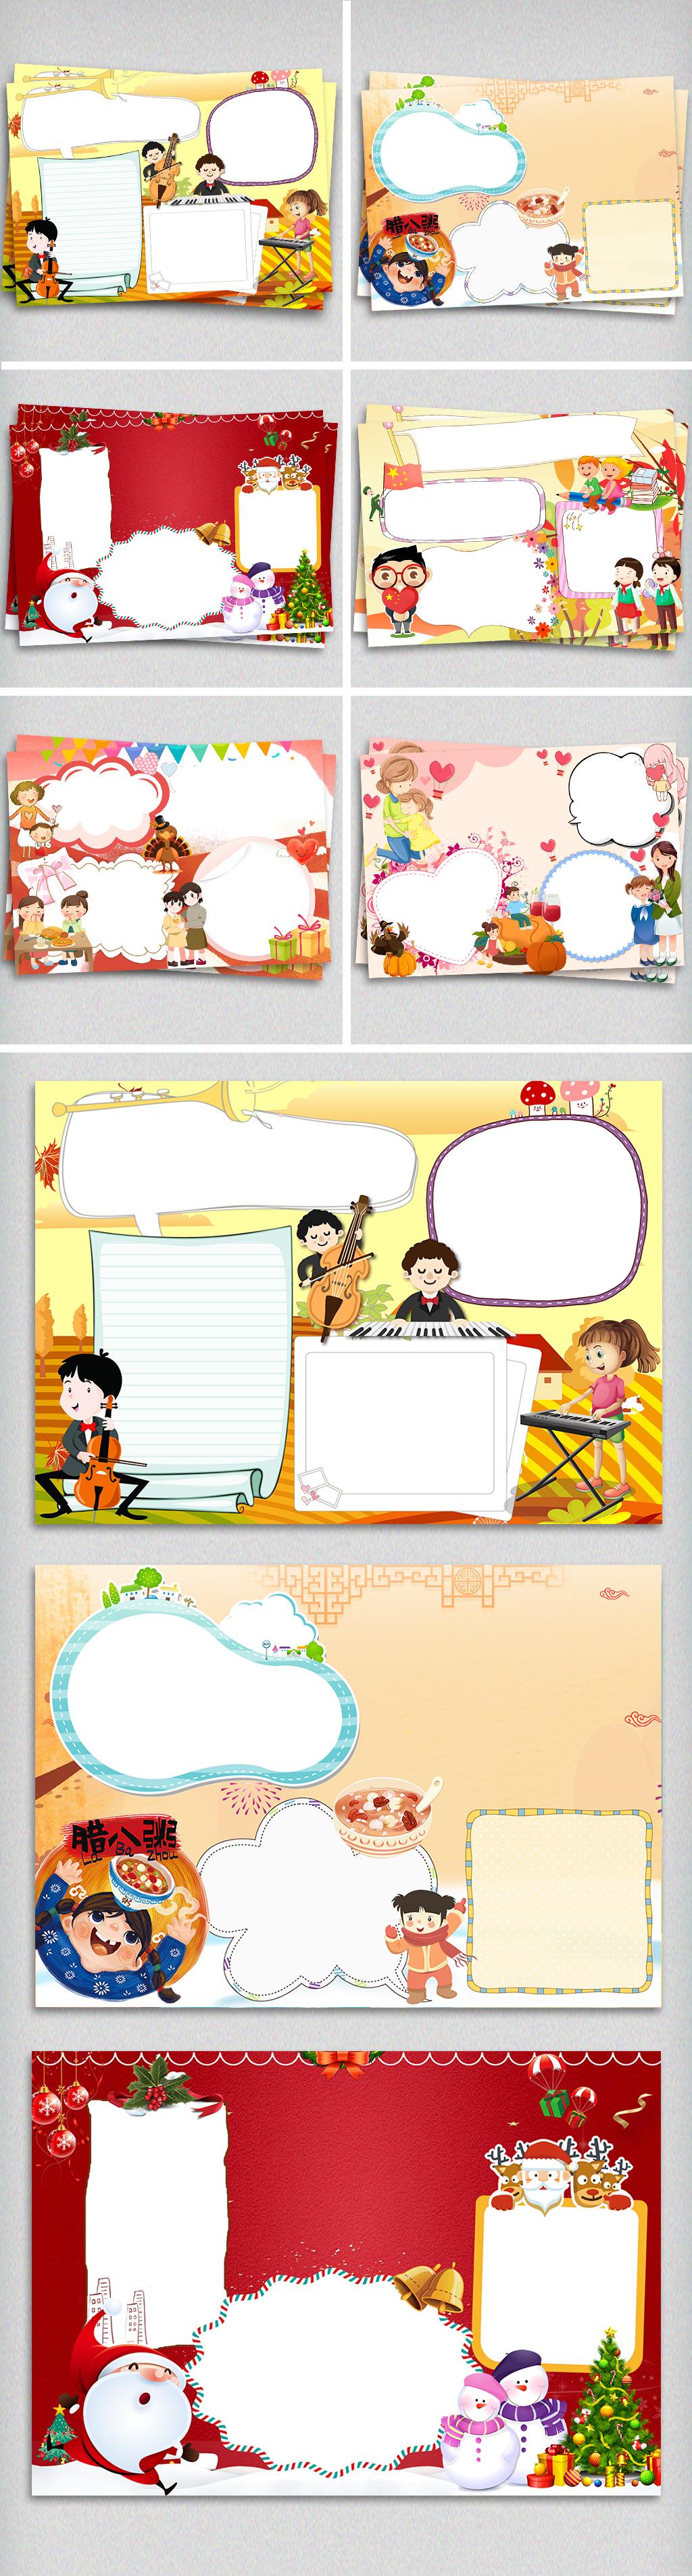 红色圣诞节手抄报背景图片素材(其他格式)下载_小报集